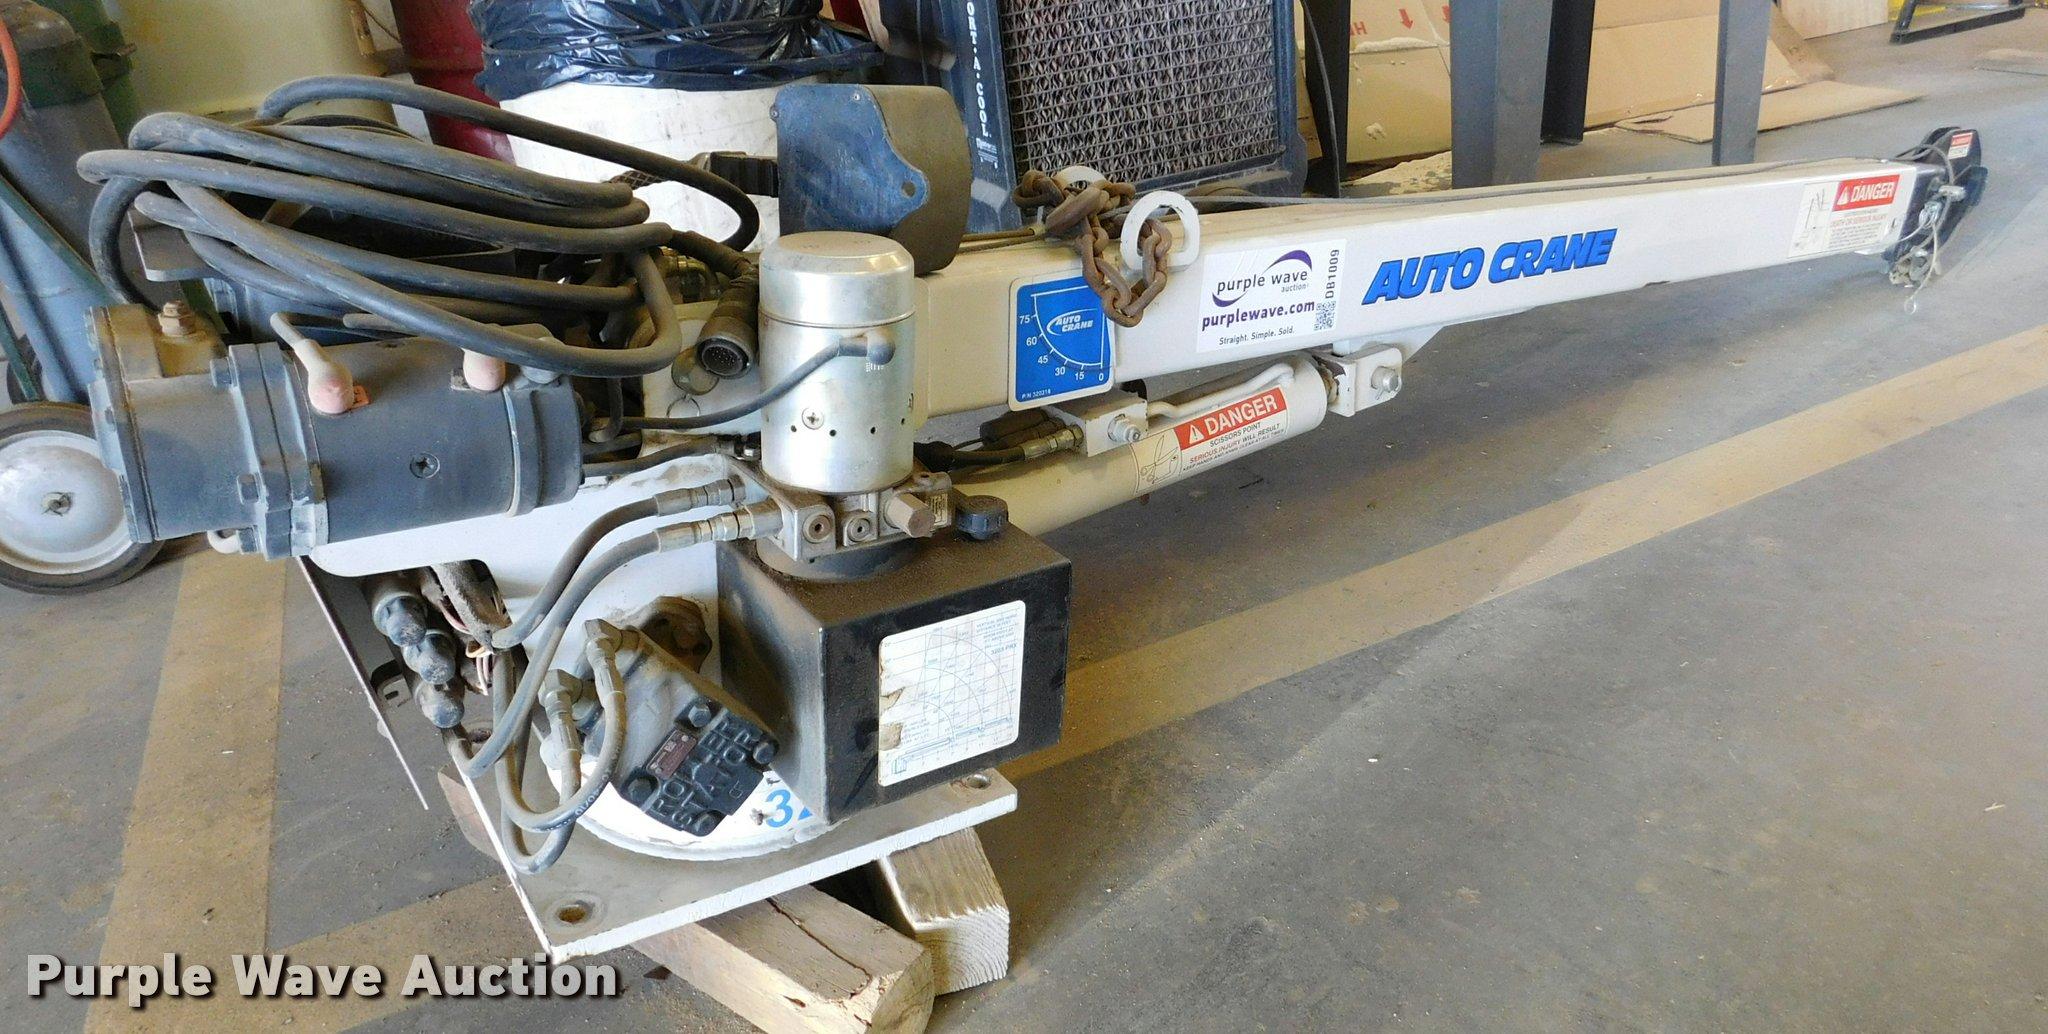 Auto Crane 110703 Winch Dcg8r 3203 Prx